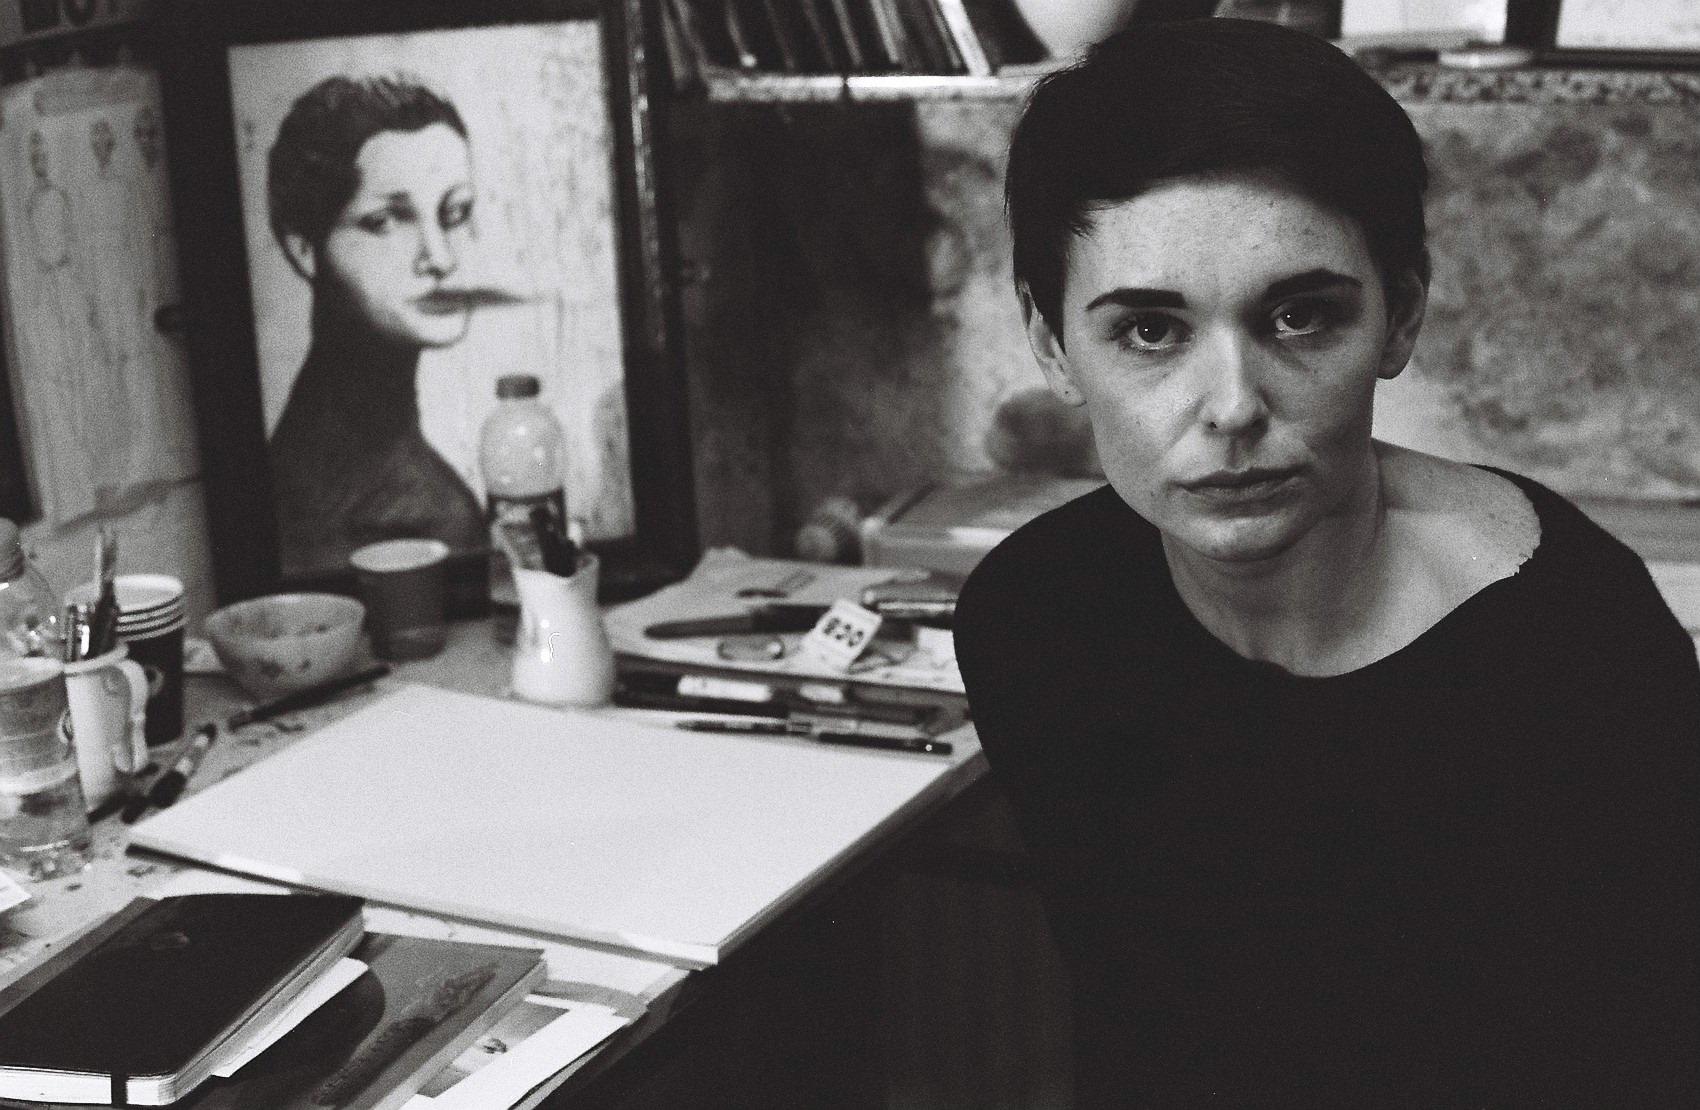 A photo of me in my old studio underground on Luebbenerstrasse in Kreuzberg 2010. Take by Eli Cornejo.